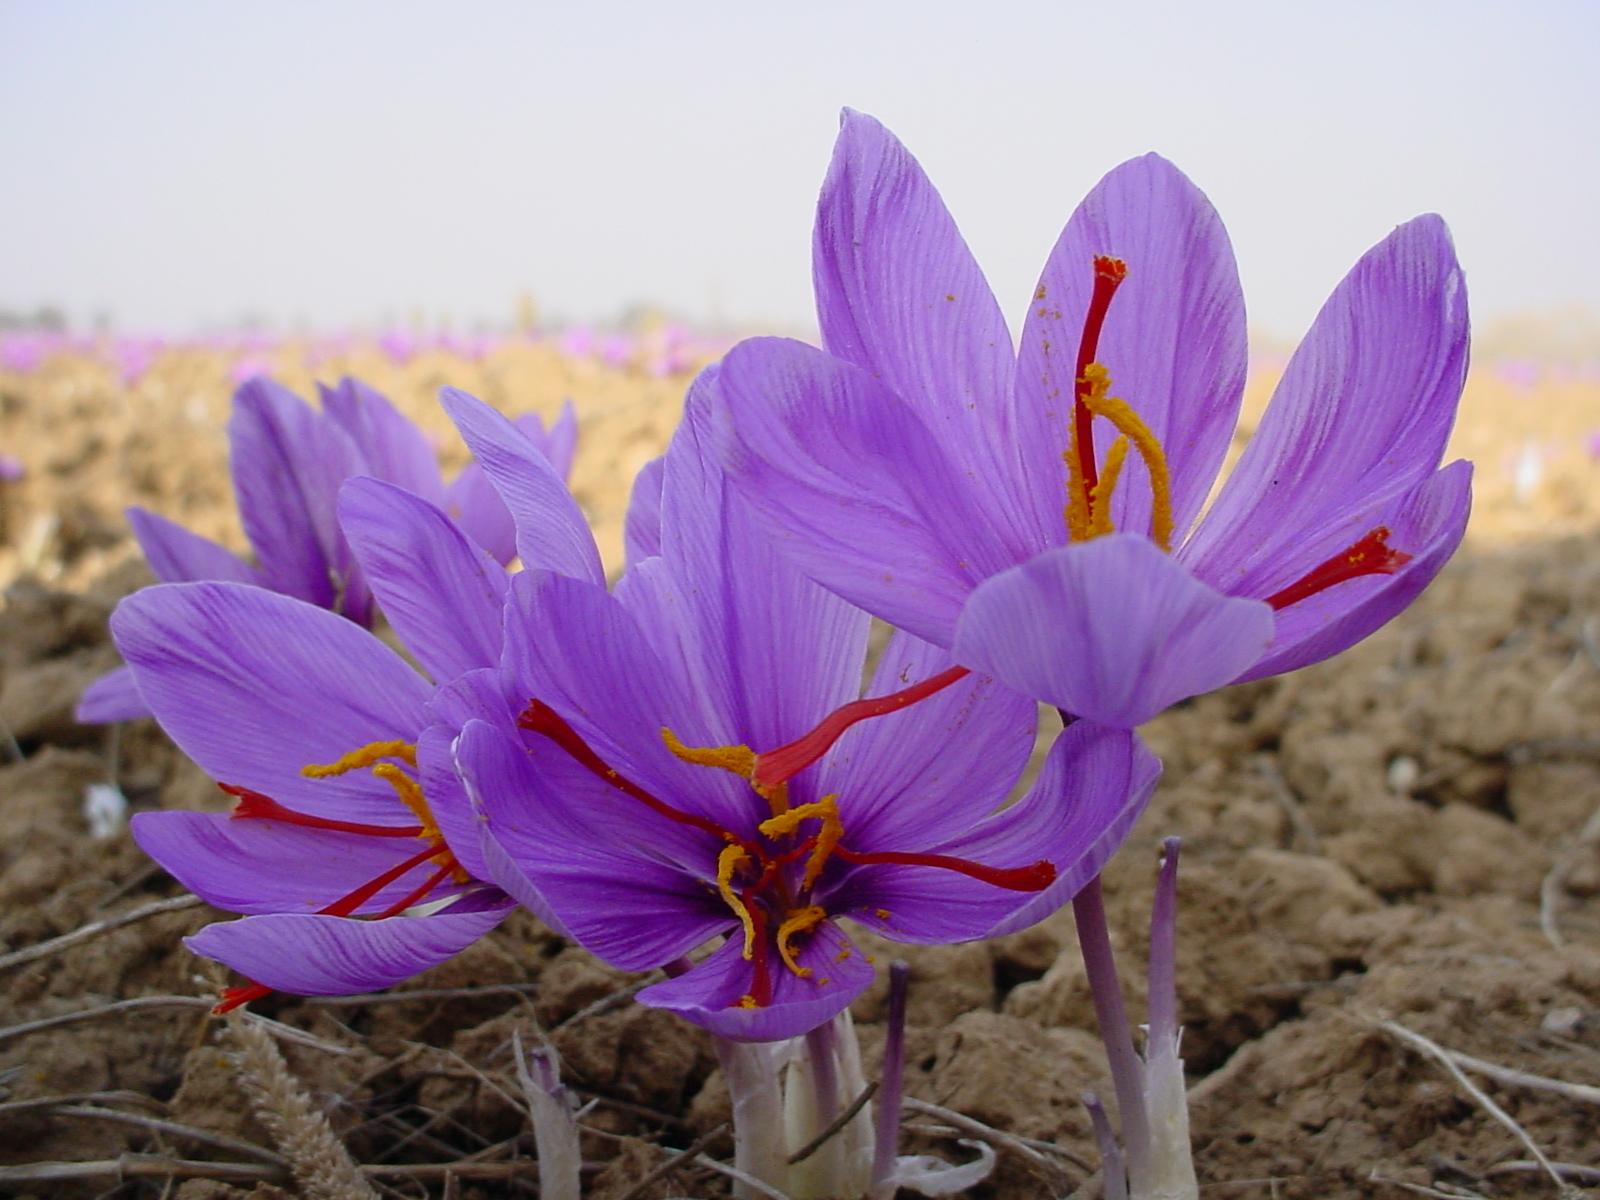 کاربرد گل زعفران در صنایع دارویی